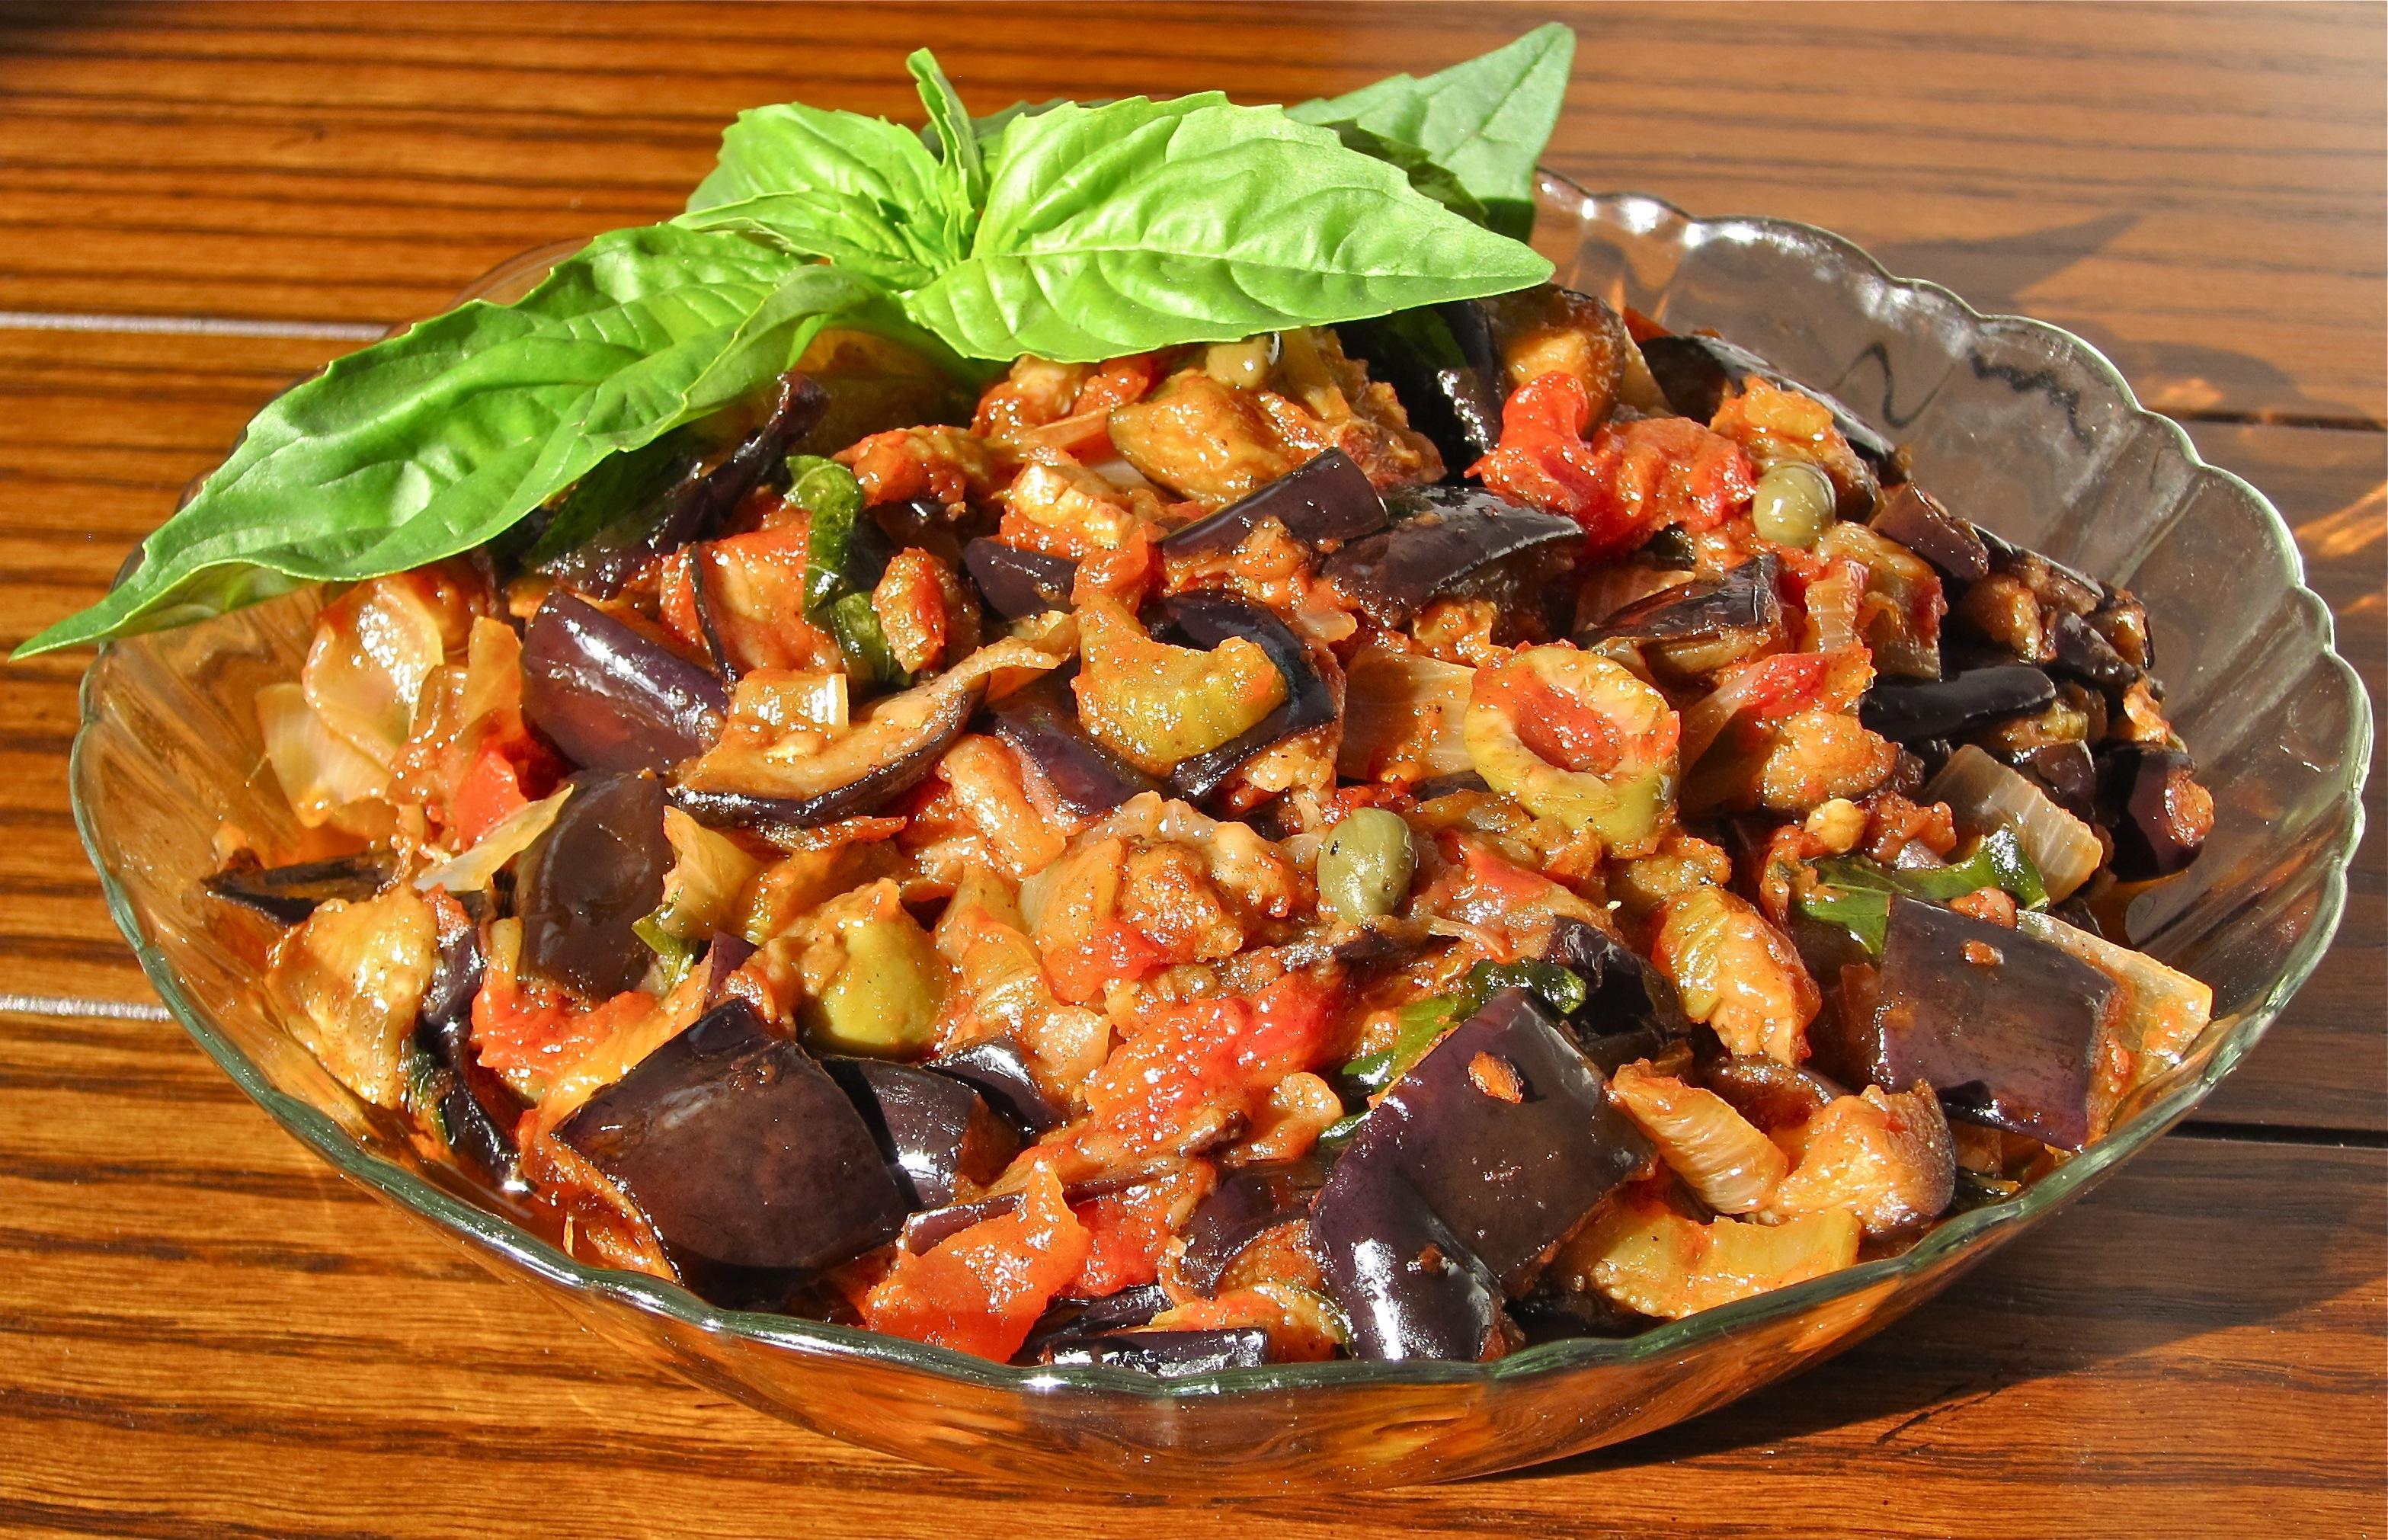 Caponata Siciliana (Eggplant and Vegetable Cooked Salad) | Gianni's ...